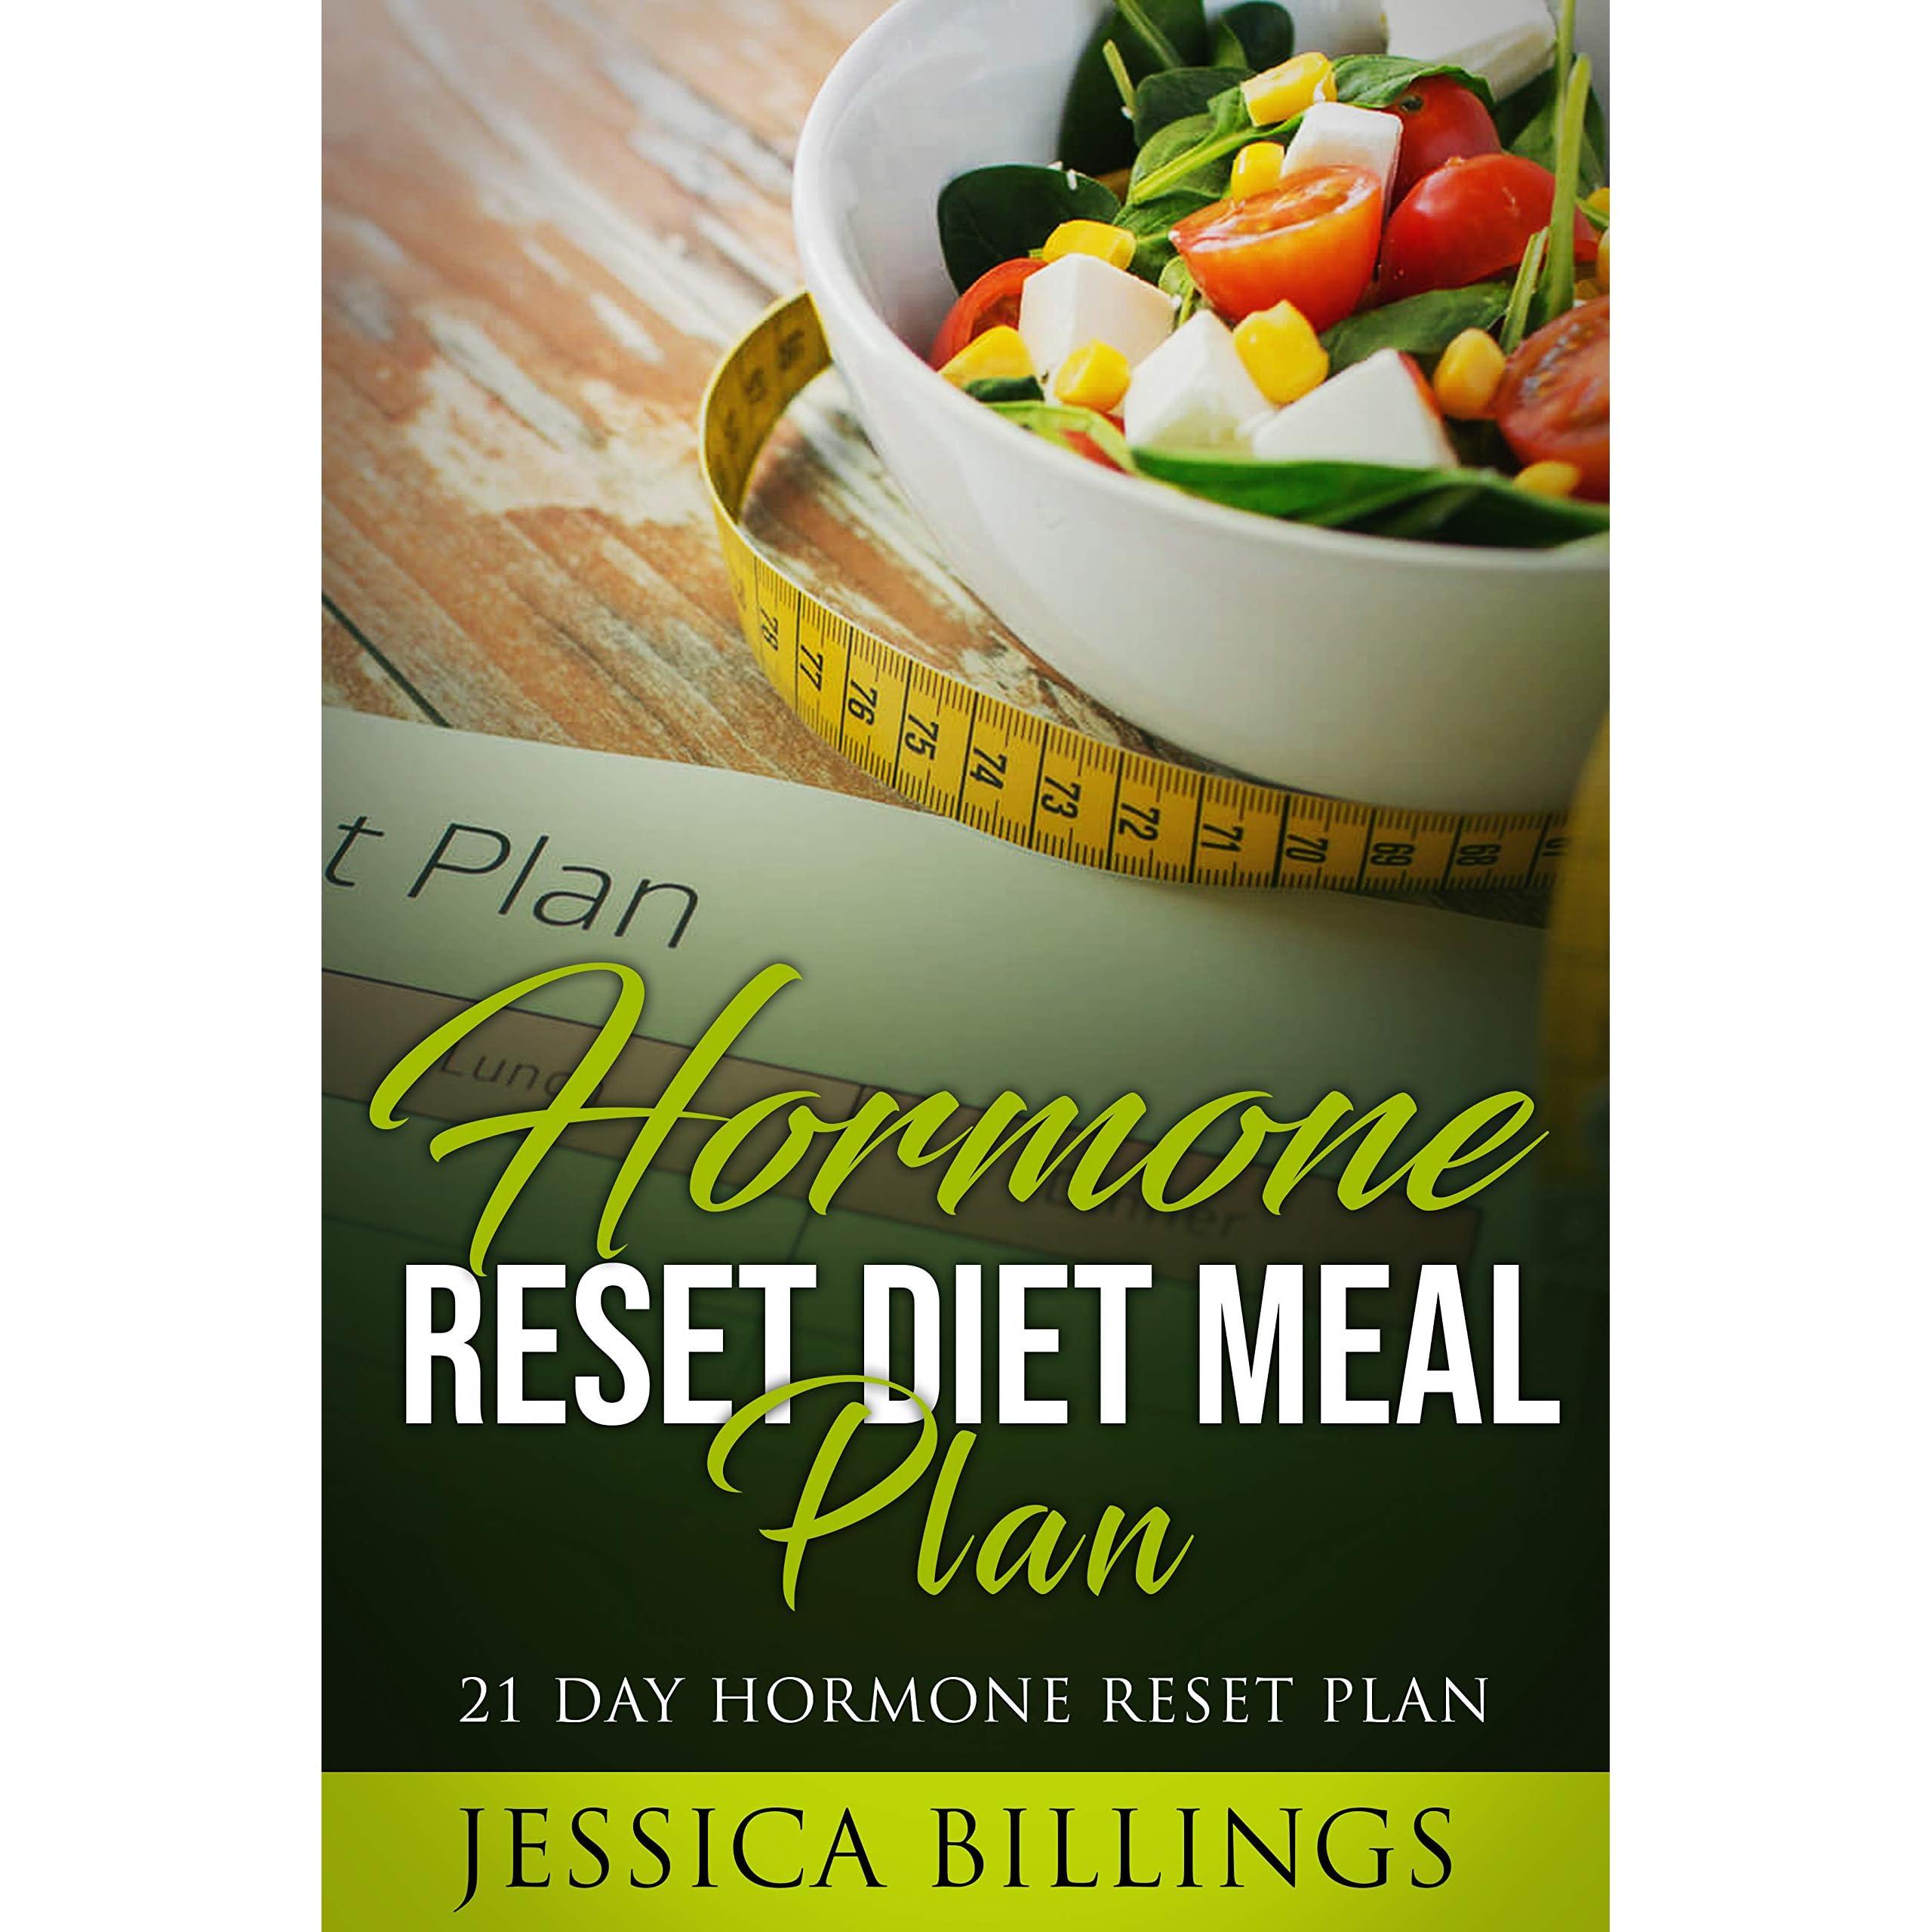 21 day hormone reset diet plan joomag